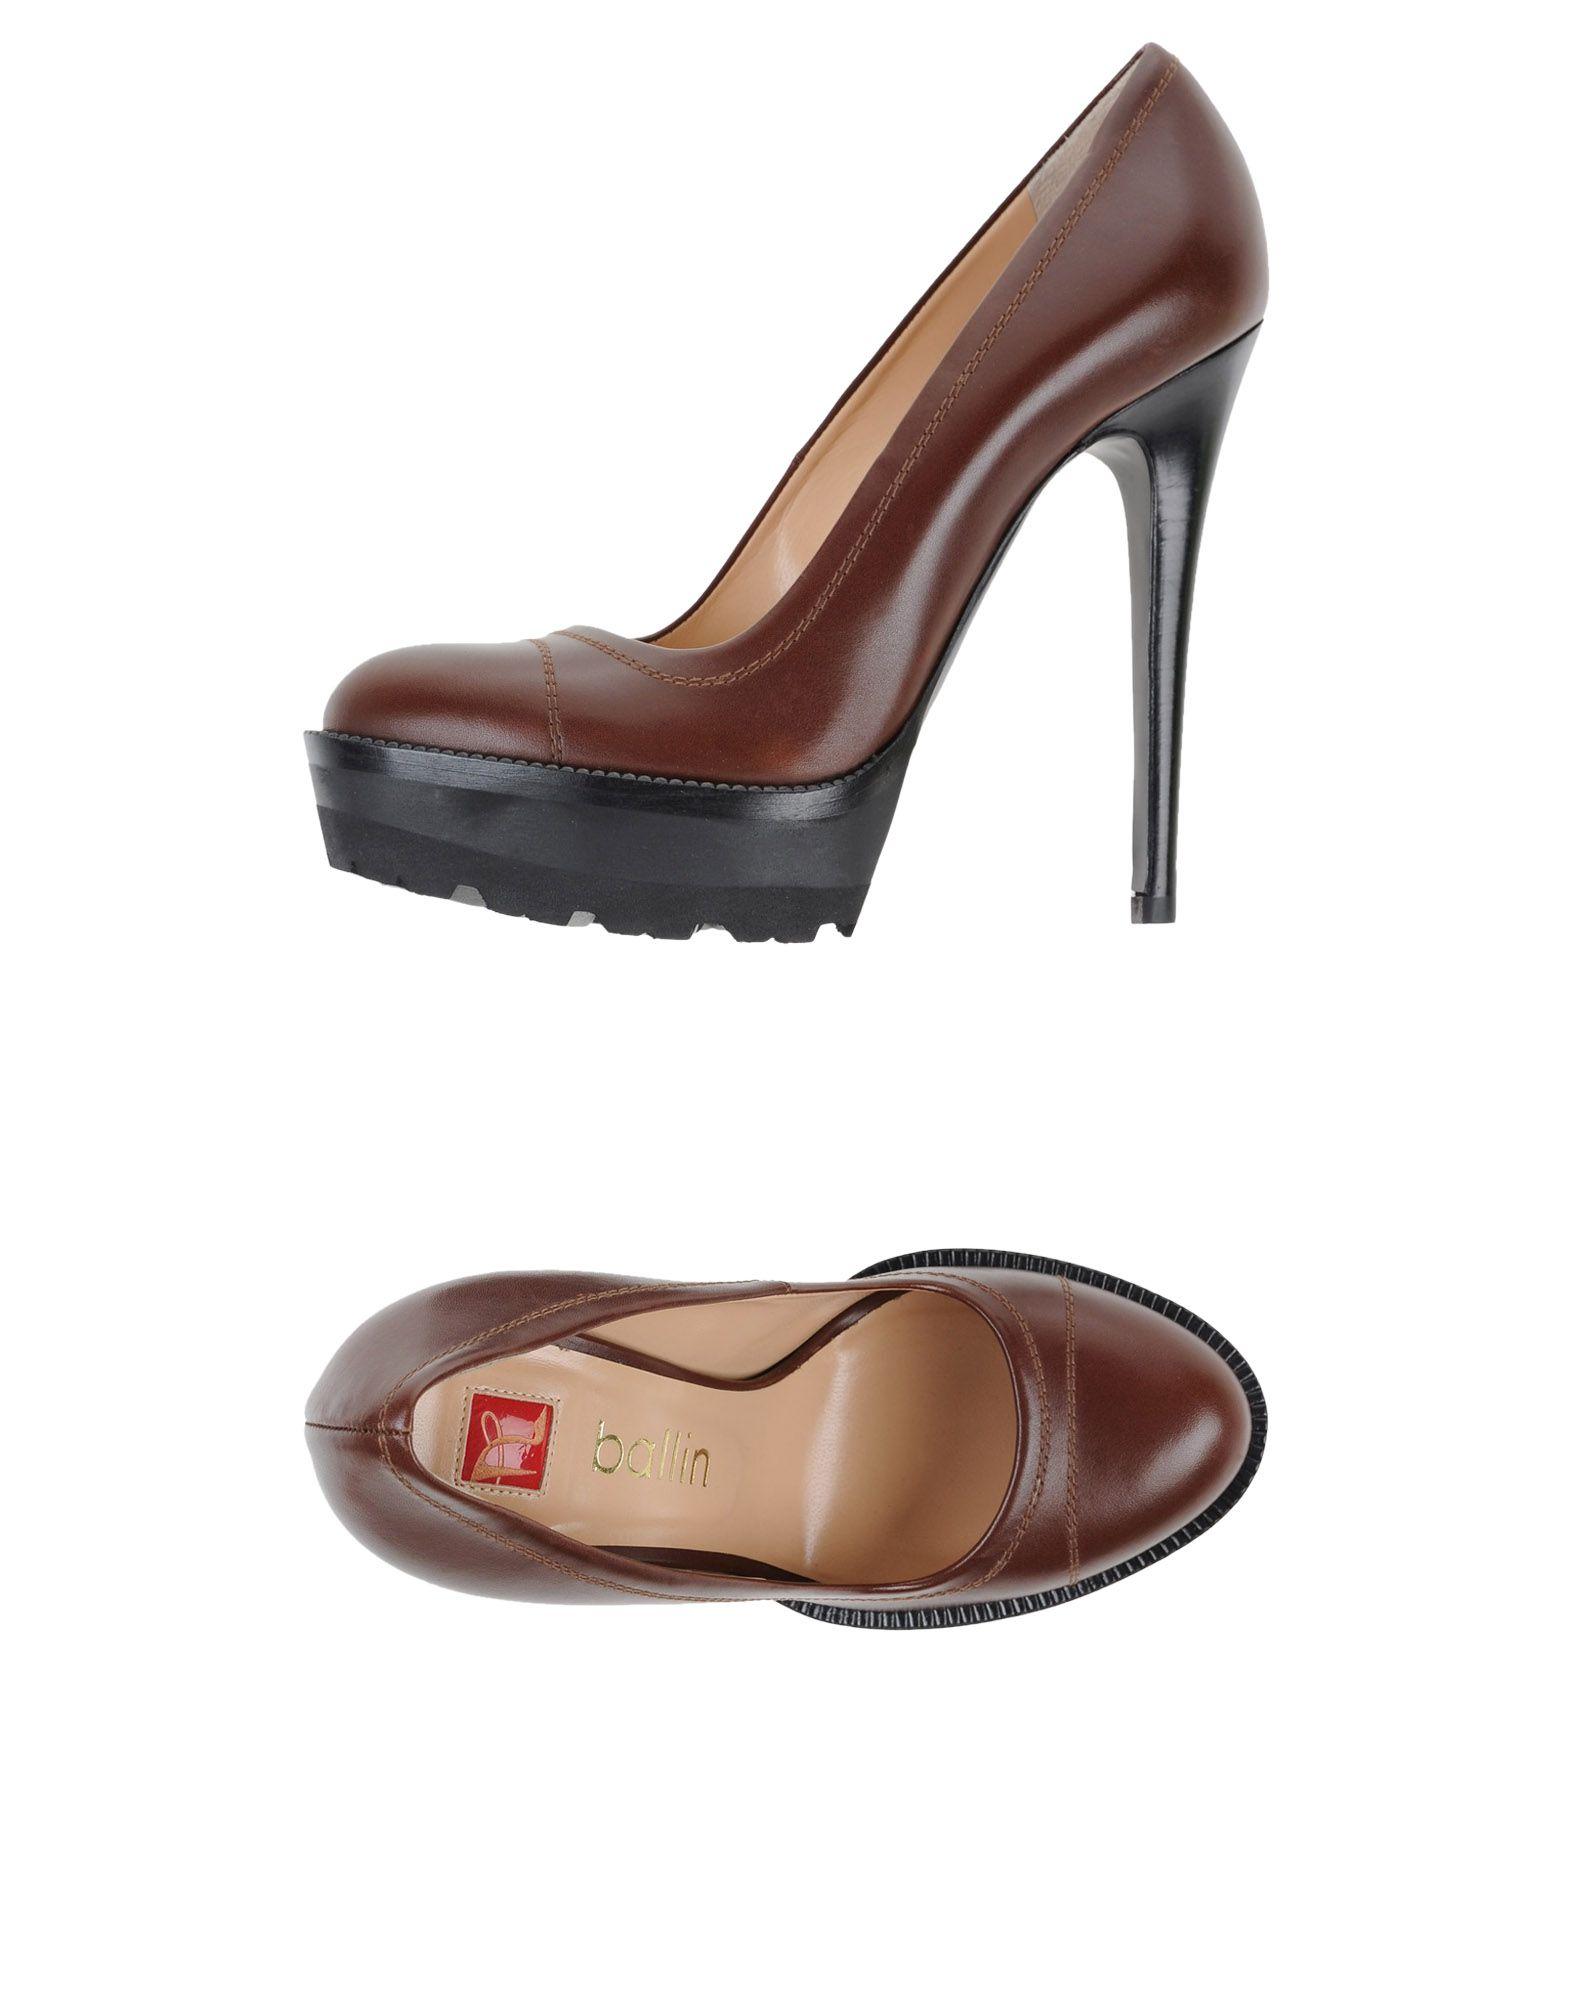 BALLIN Туфли ballin кожаные бежевые босоножки с открытым носком от ballin